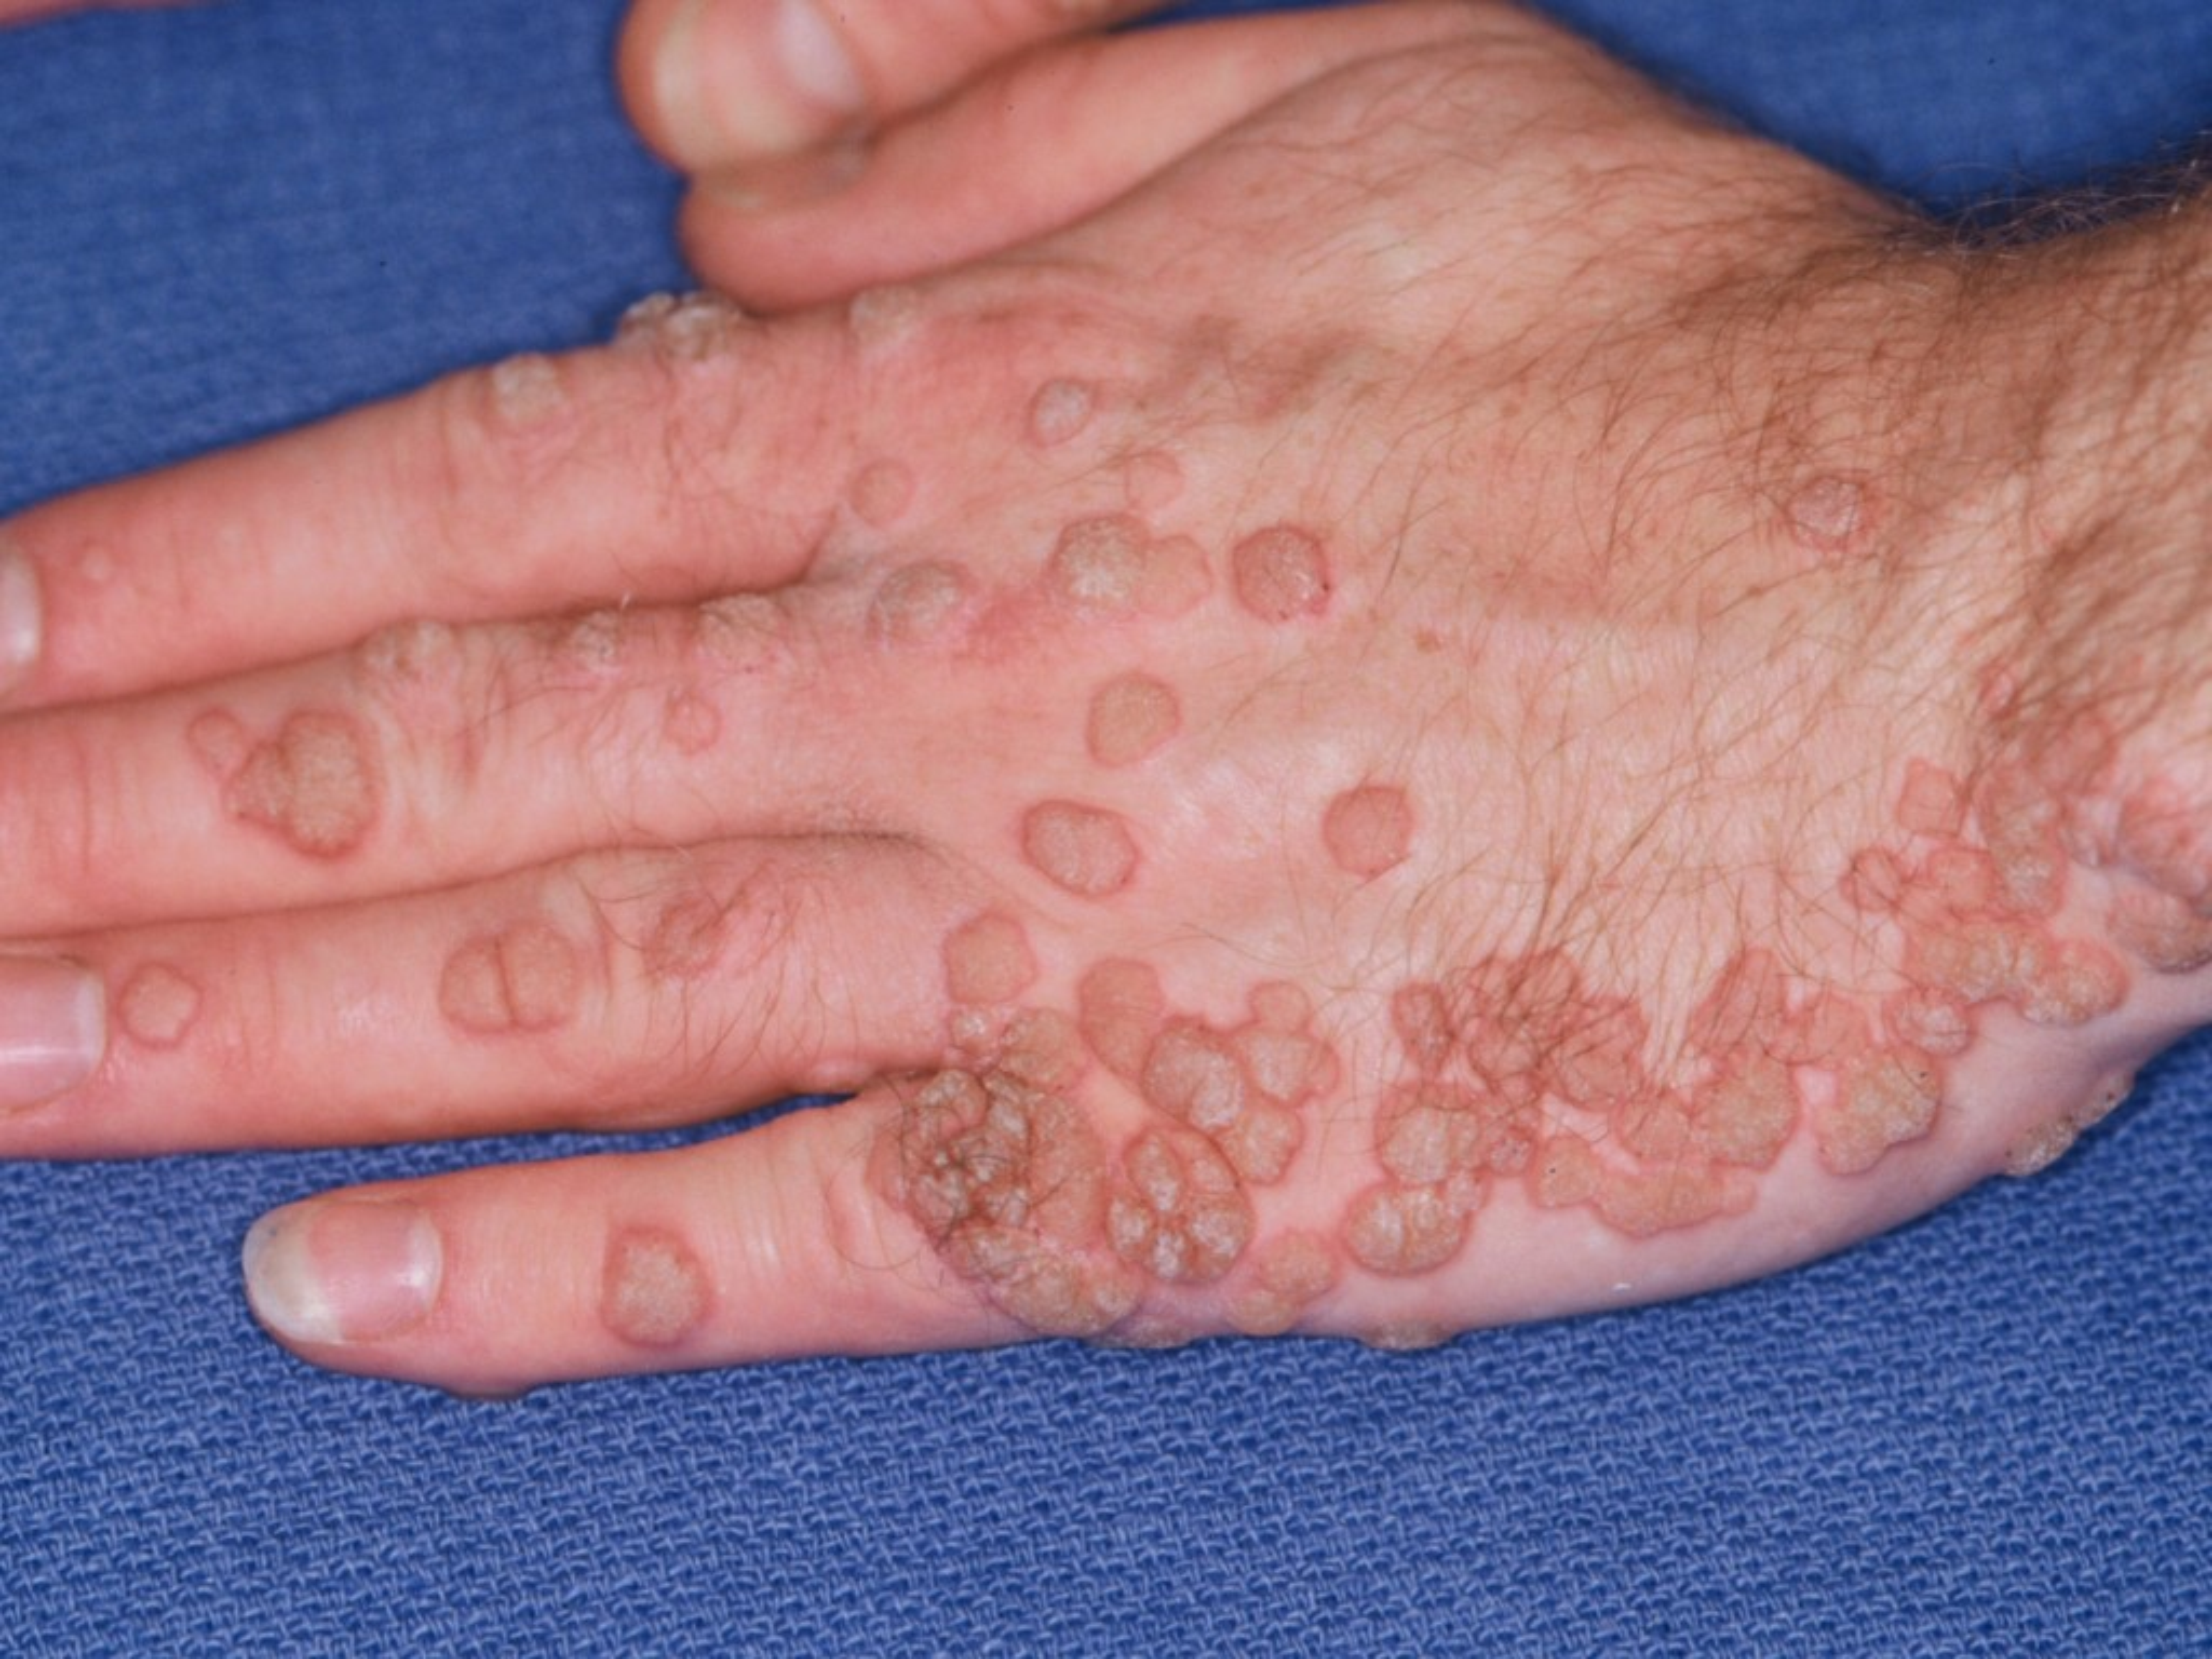 Papillomatosis dermatology. ChSkin (1) - Papillomatosis in skin tags